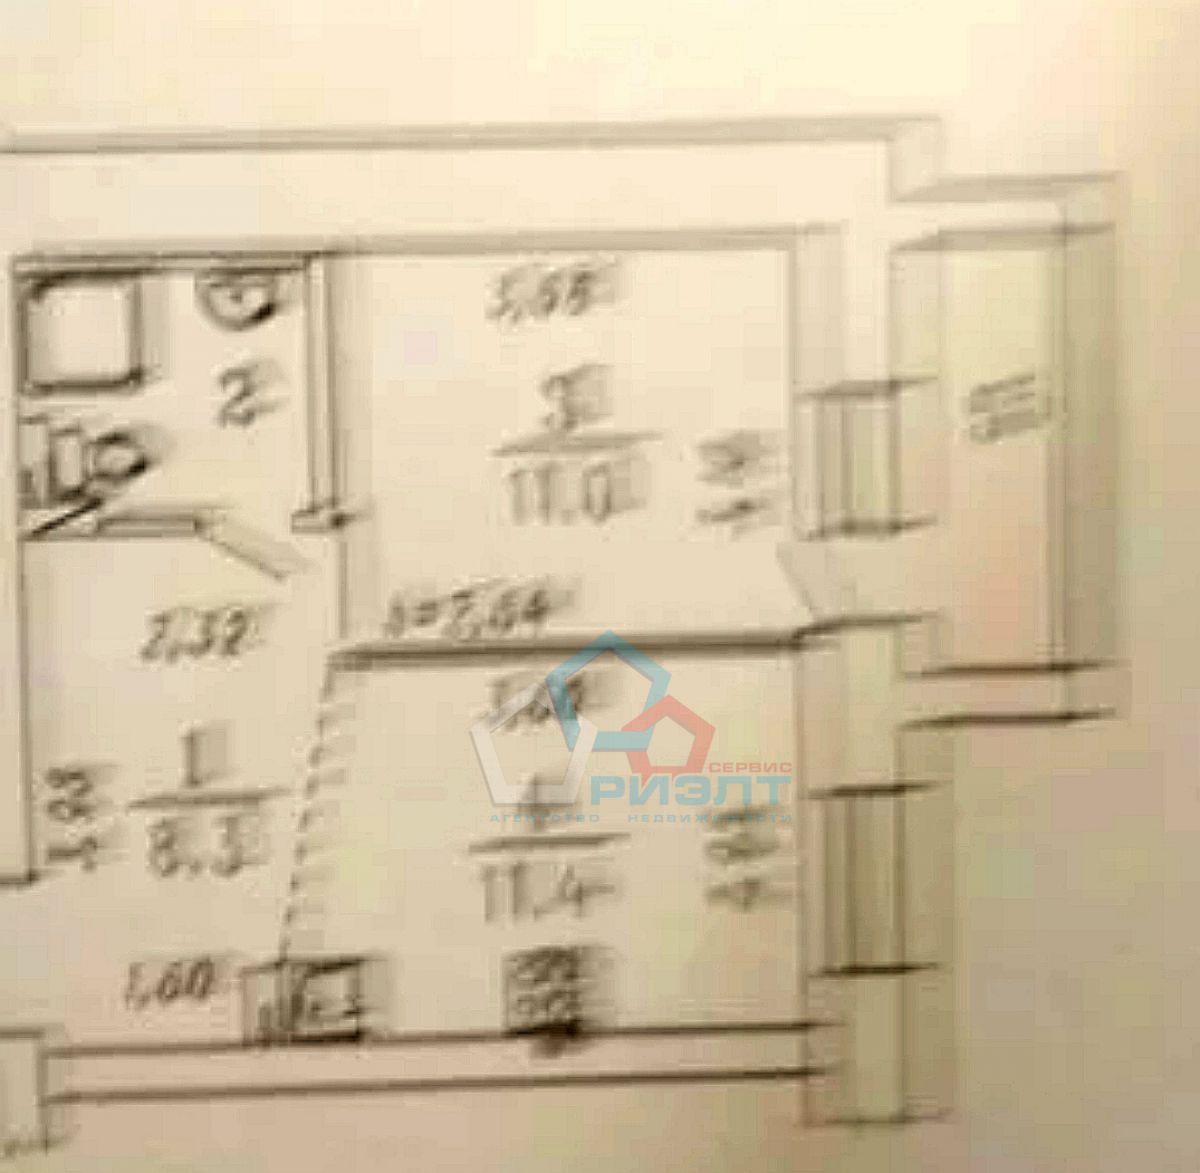 Квартира на продажу по адресу Россия, Омская область, Омск, Комарова пр-кт, 16